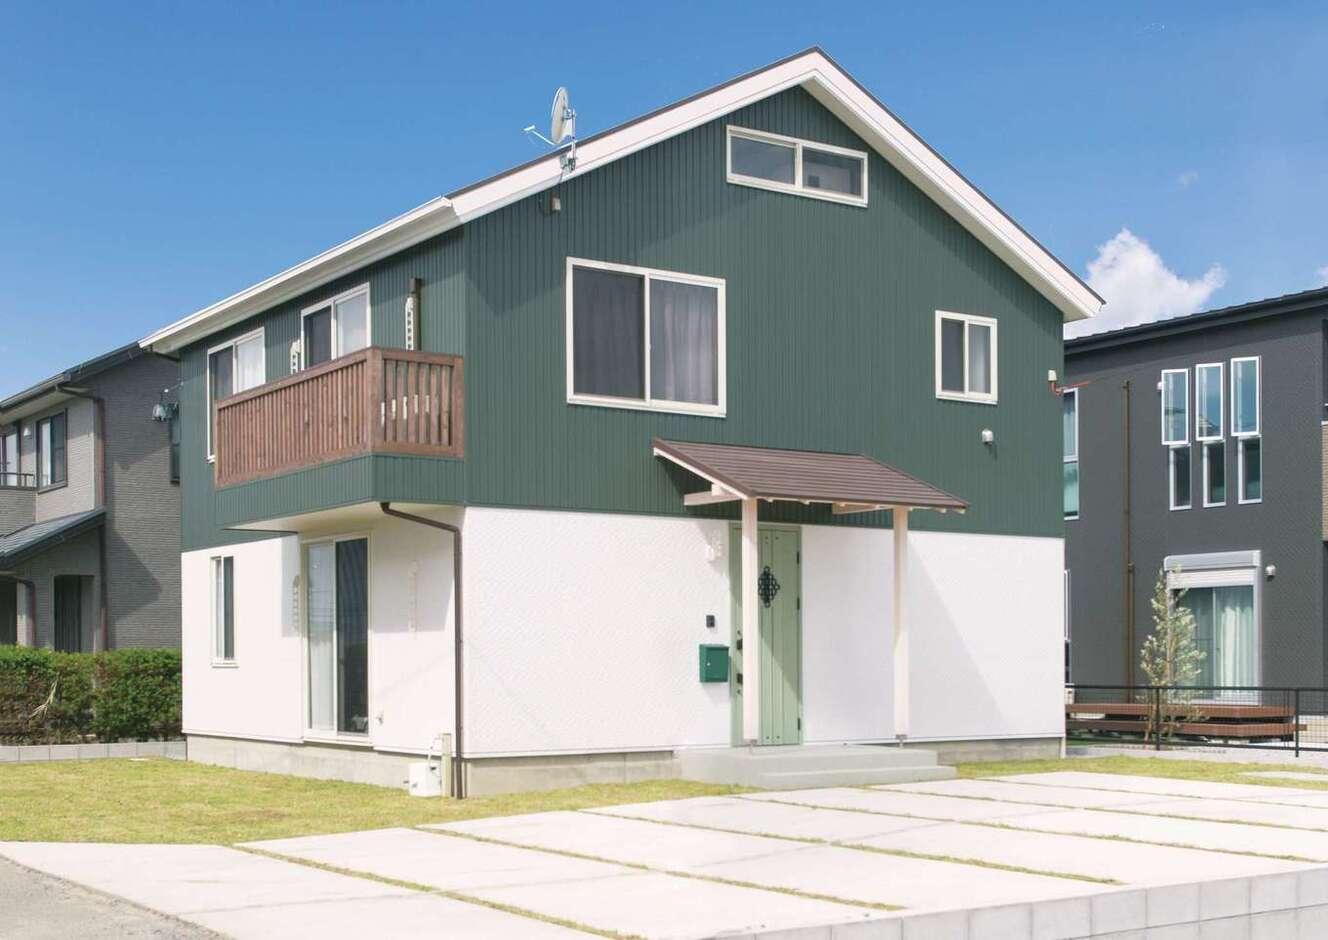 サイエンスホーム甲府店・笛吹店【デザイン住宅、自然素材、間取り】三角屋根とグリーンのガルバリウムが青空に映えるかわいい外観デザイン